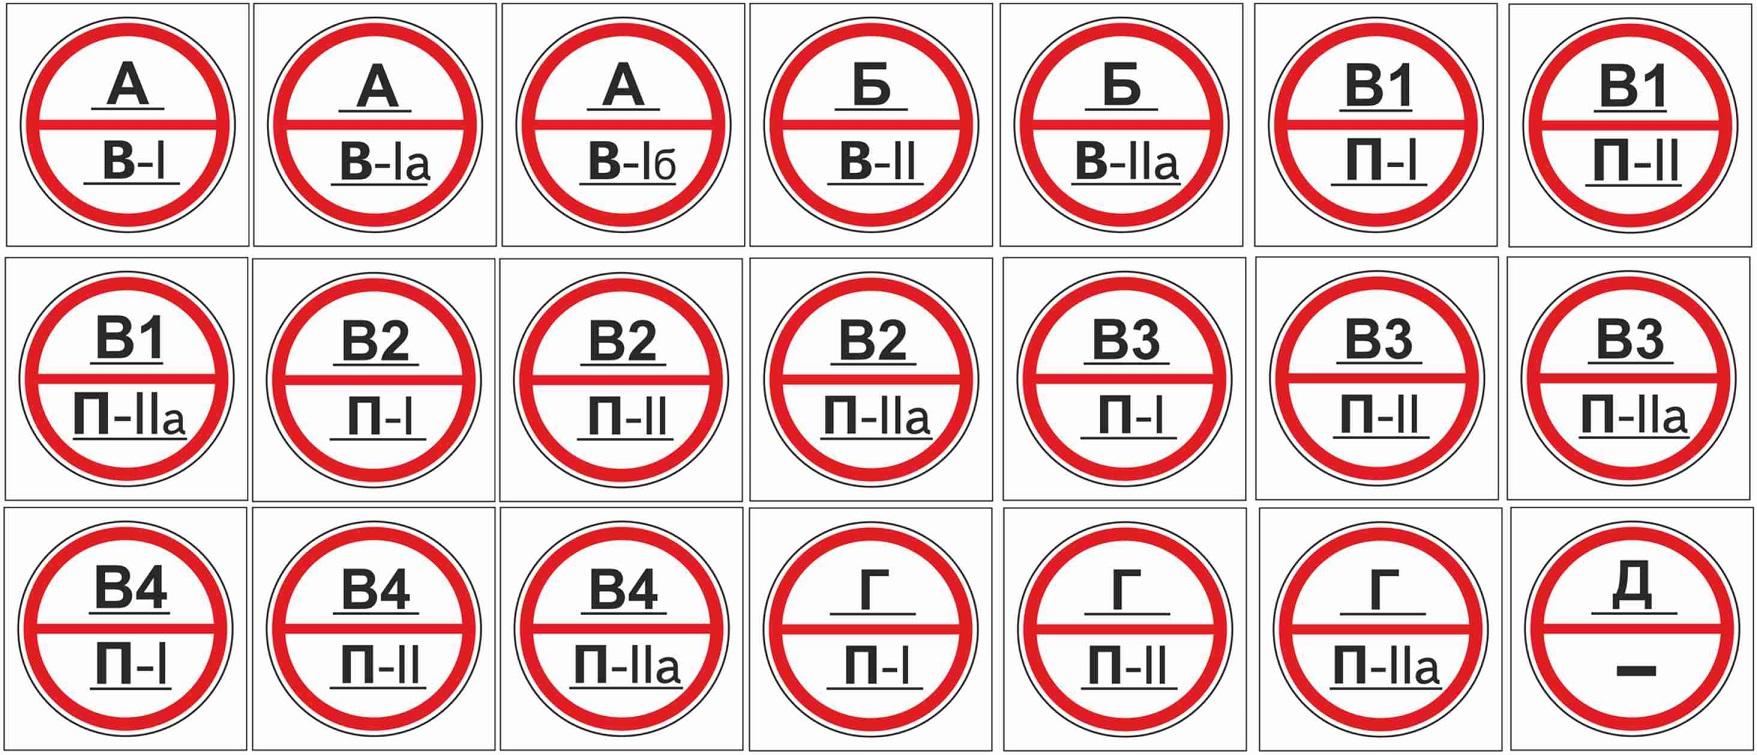 Это специальные знаки маркировки, которые наносятся на помещения с категориями пожароопасности.